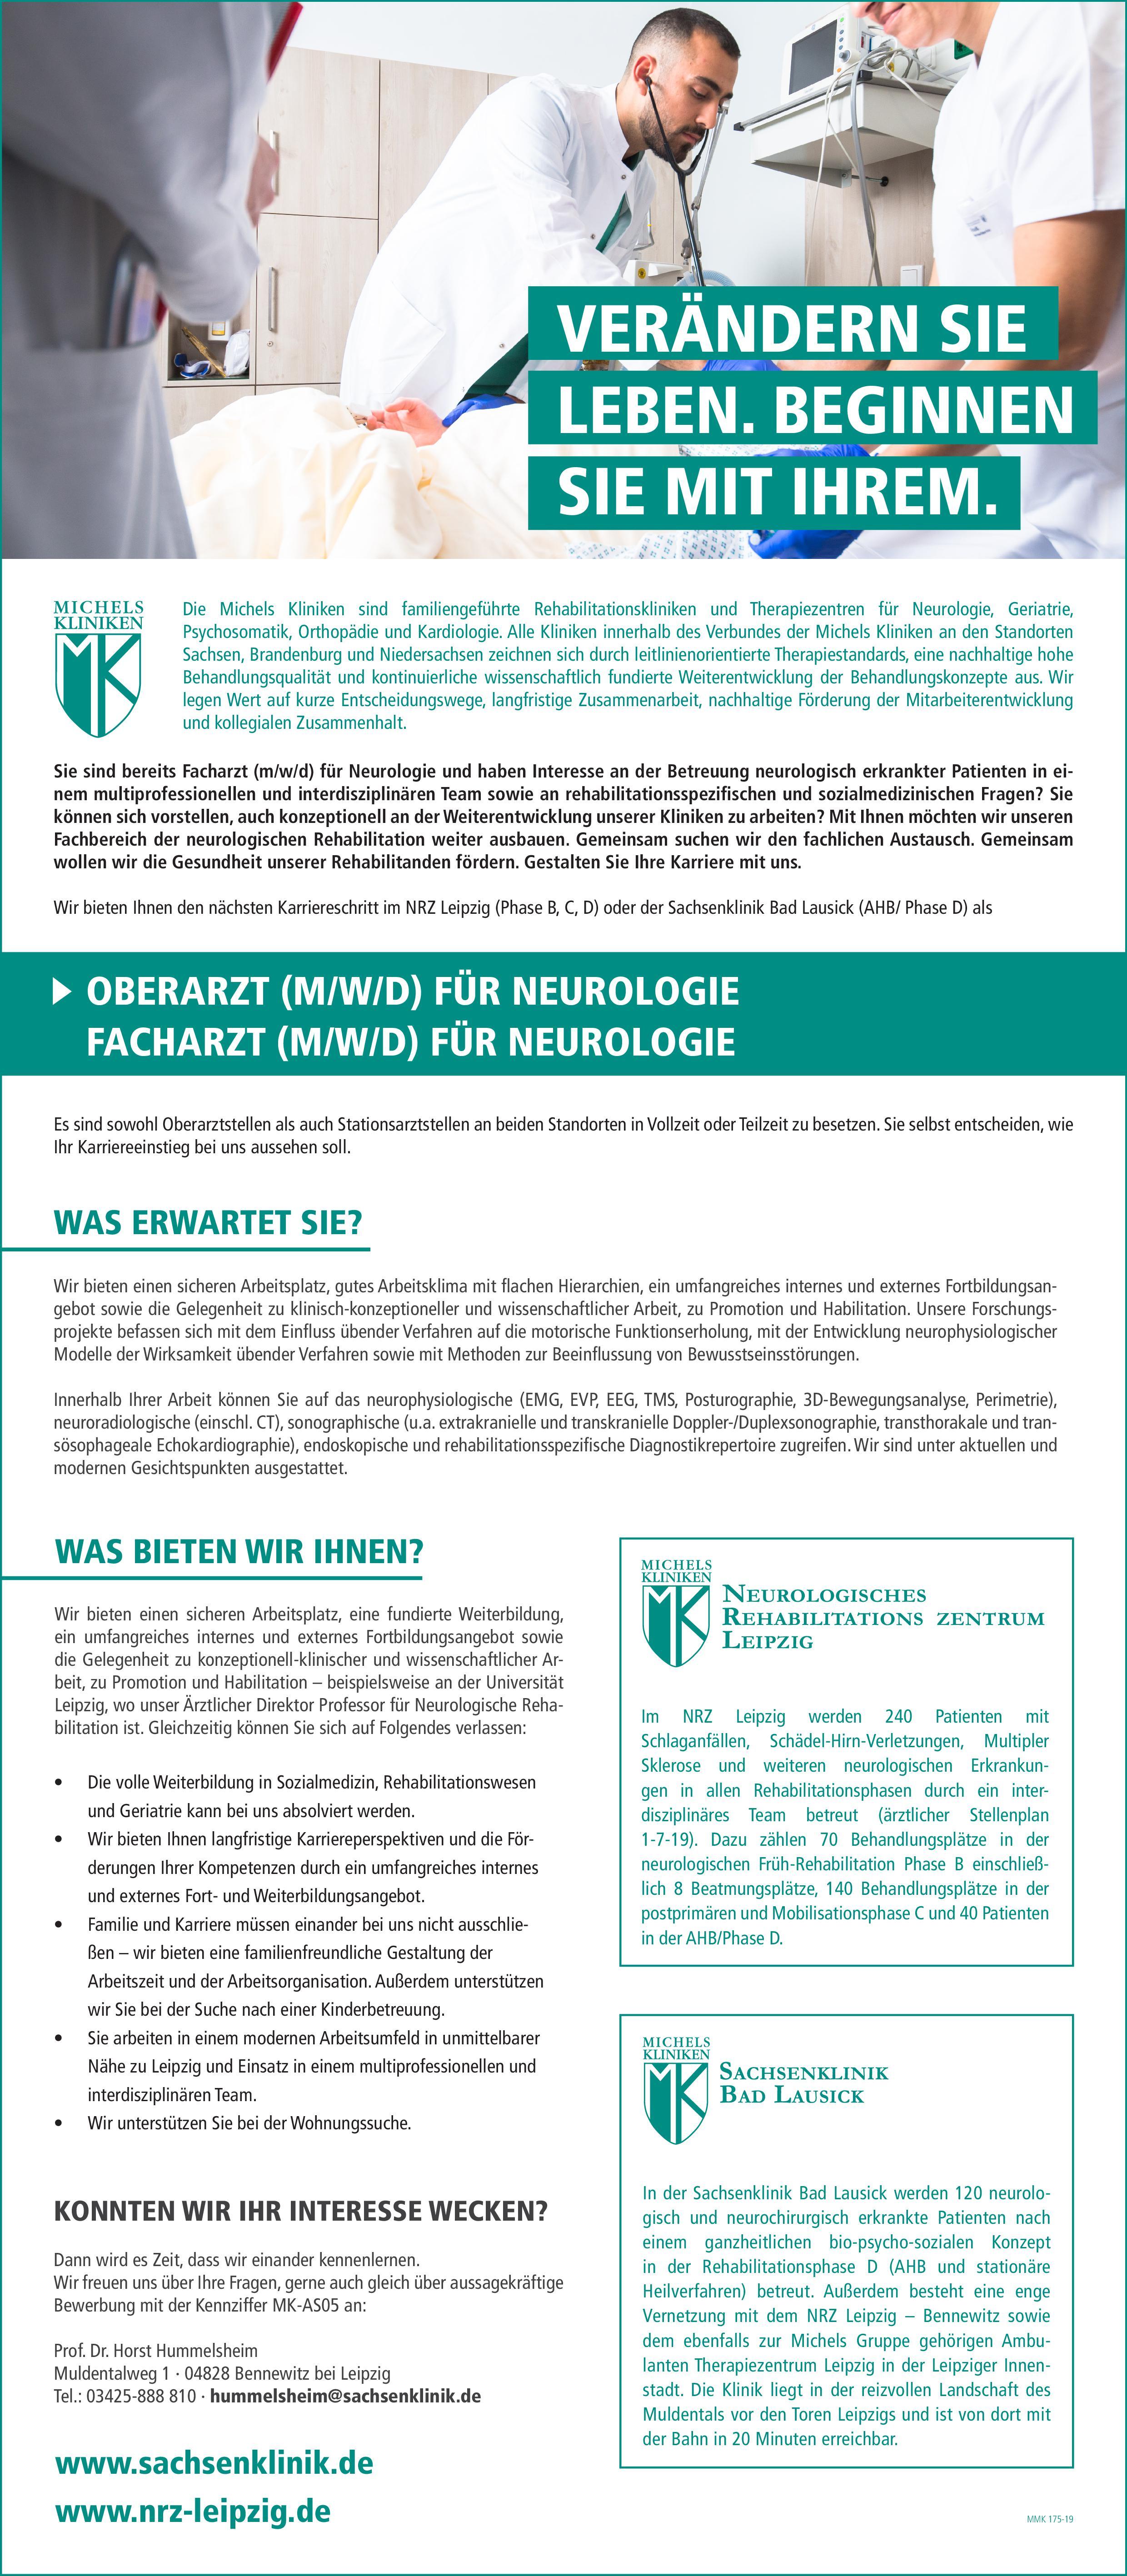 Michels Kliniken Oberarzt (m/w/d) Neurologie Neurologie Oberarzt